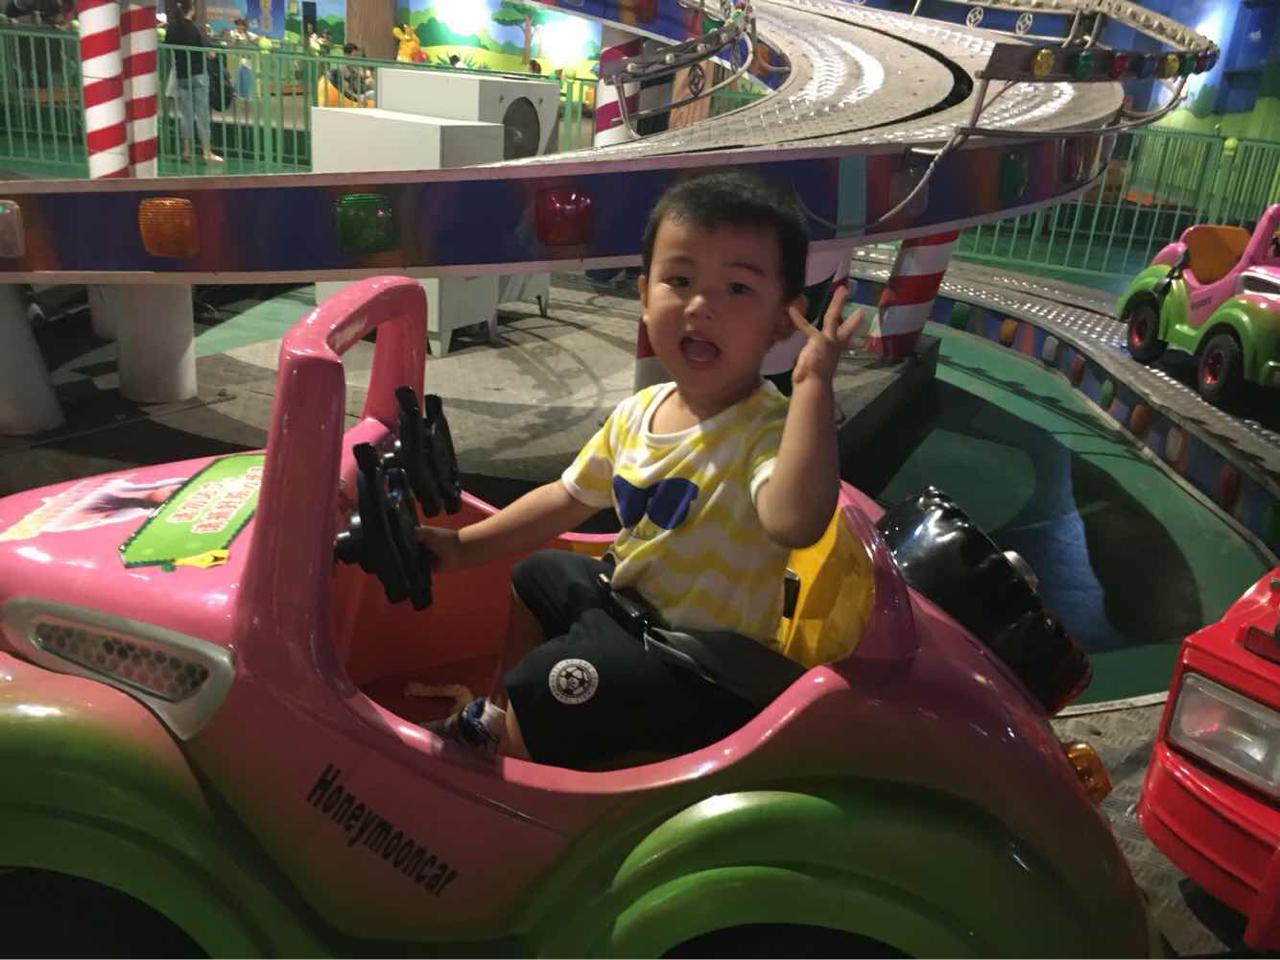 宋城杭州烂苹果亲子+机械票1大1小(刷身份证入乐园卖单1手图片